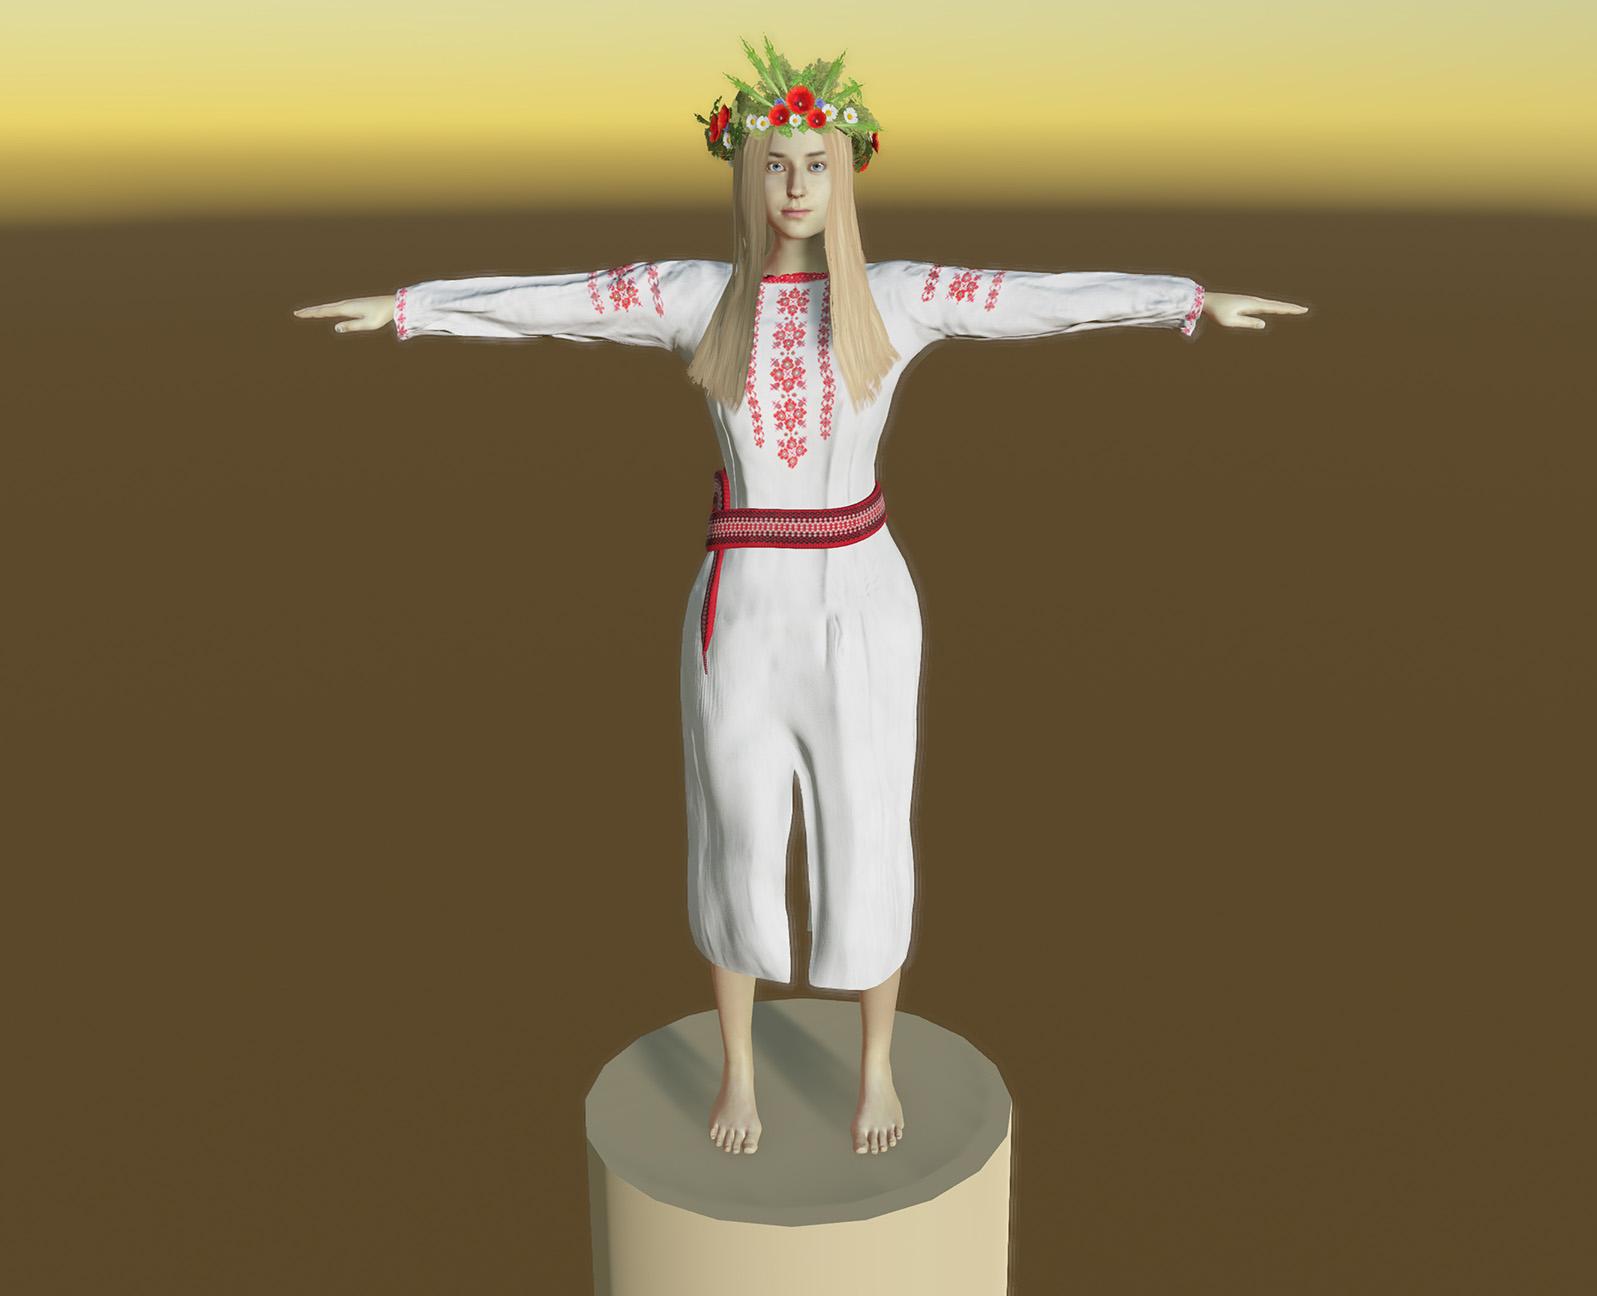 Нарисовать 3d девушка модель работа работа по веб камере моделью в ярославль